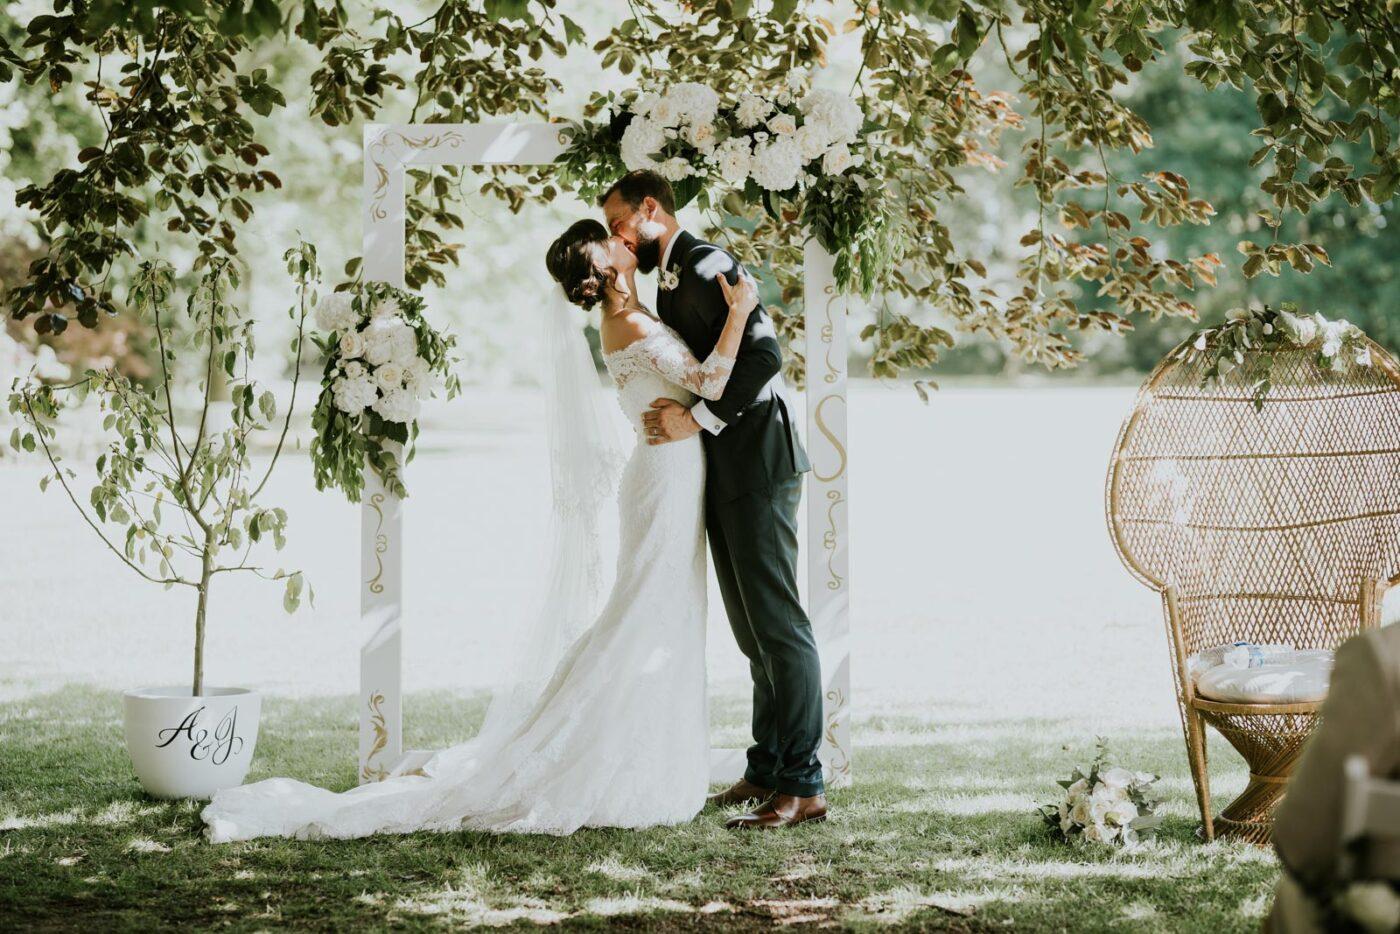 Le premier baiser après le mariage.